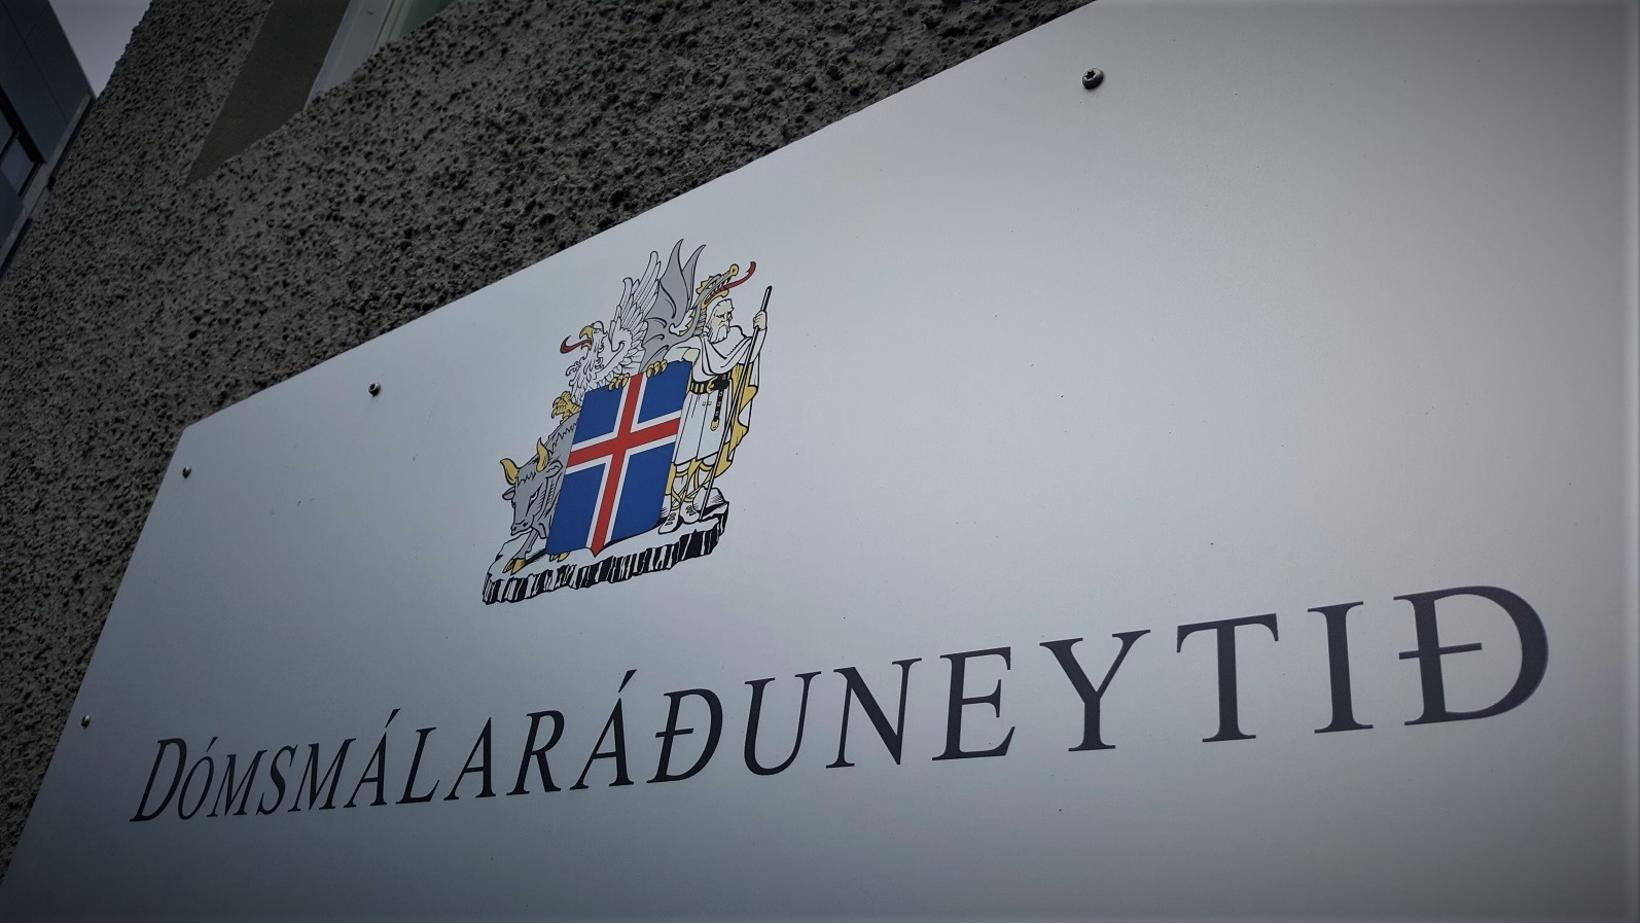 Efnt hefur verið til mótmæla við dómsmálaráðuneytið við Sölvhólsgötu klukkan …